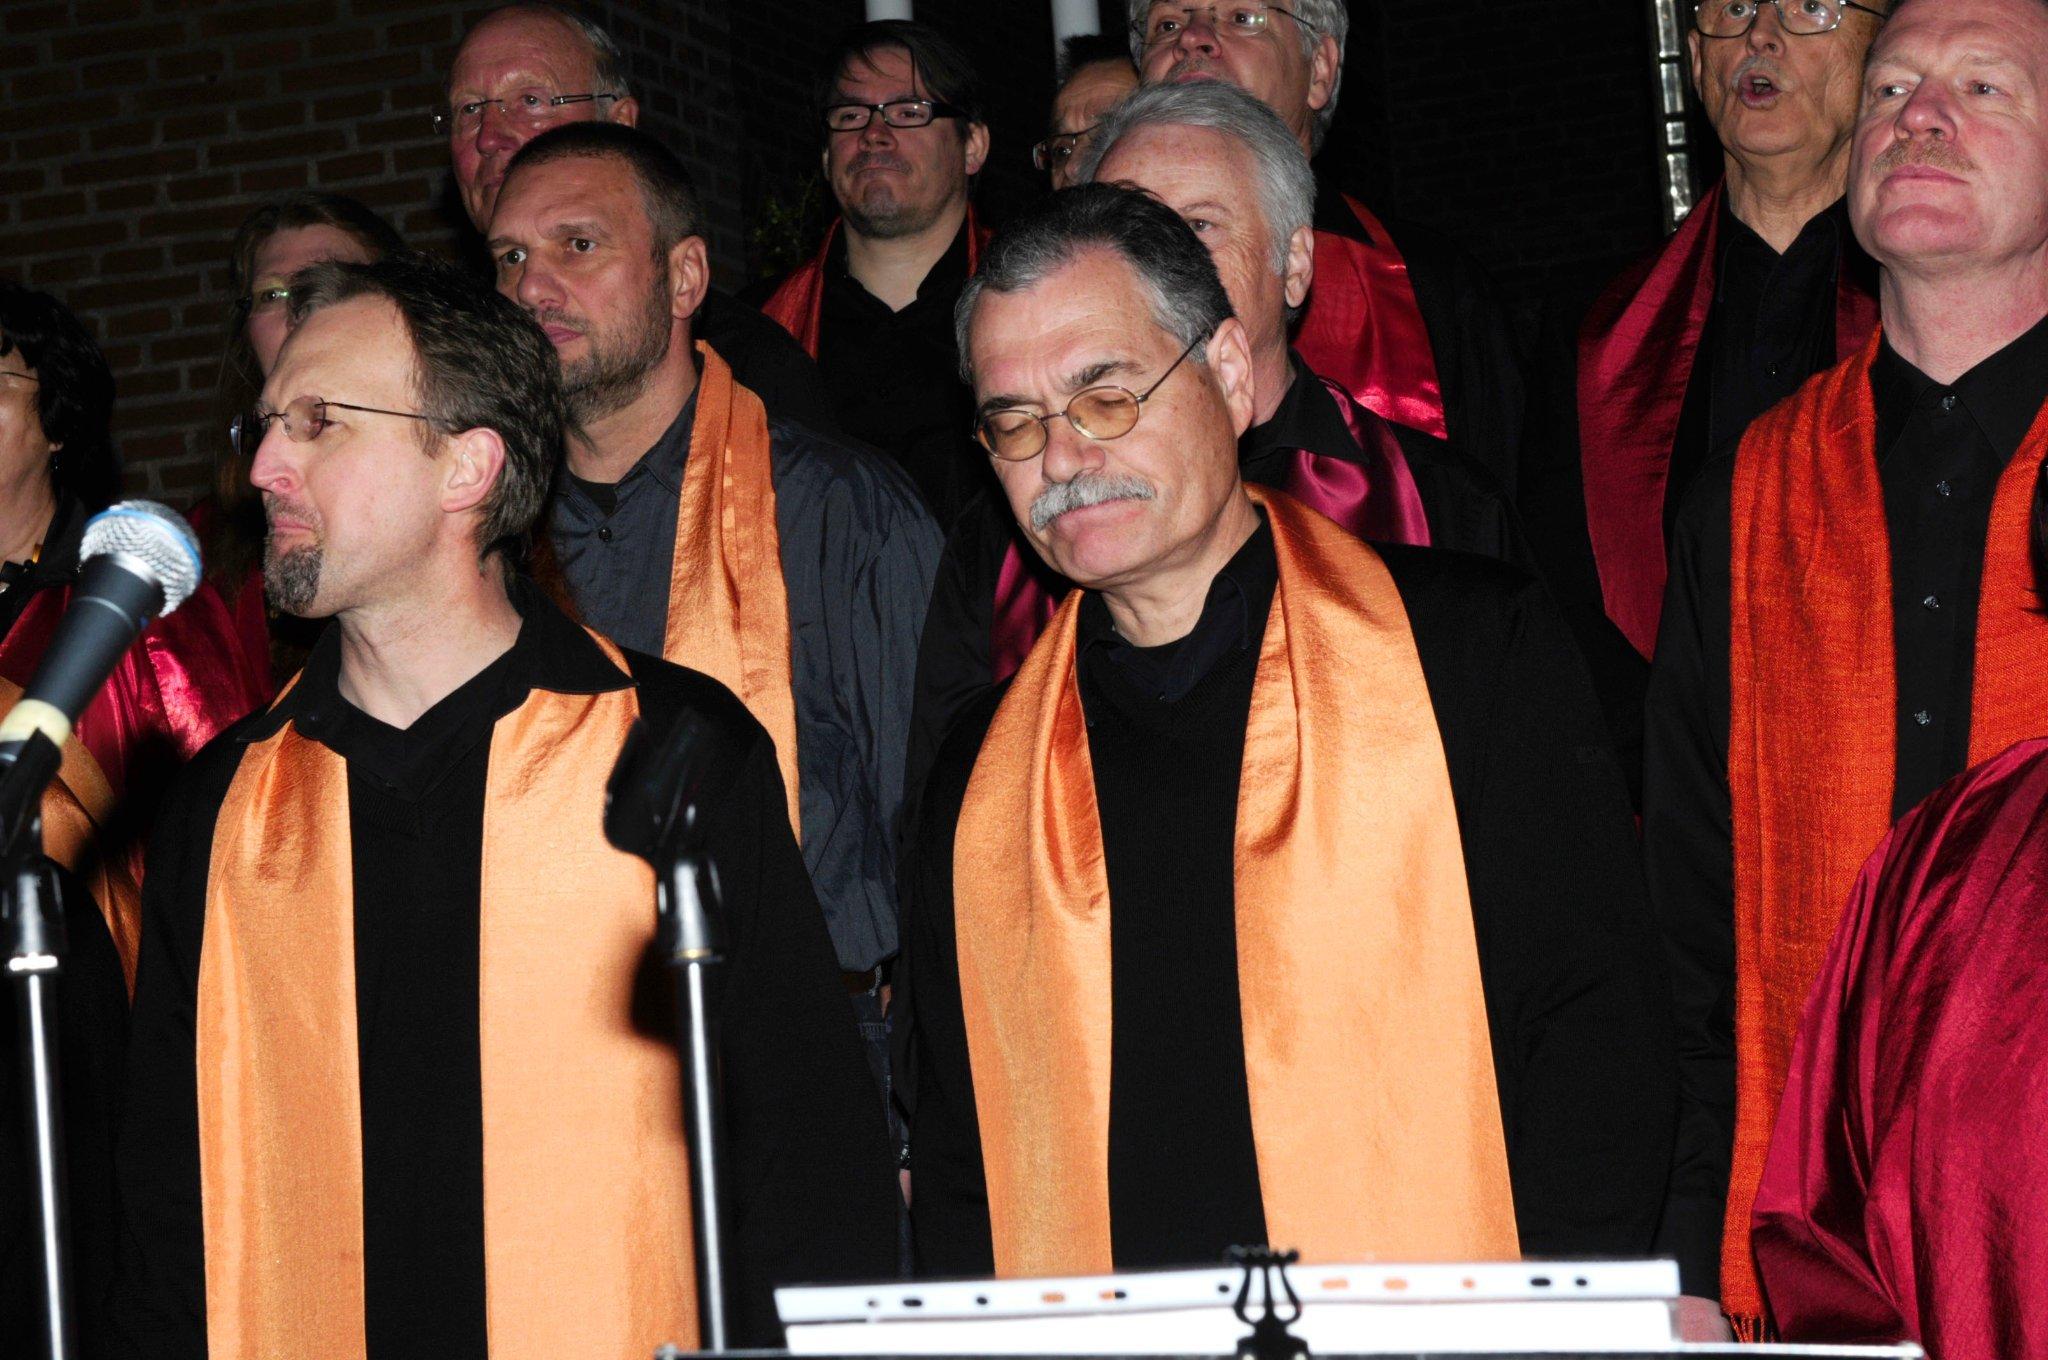 20120422 Reformations Gedaechtniskirche 53